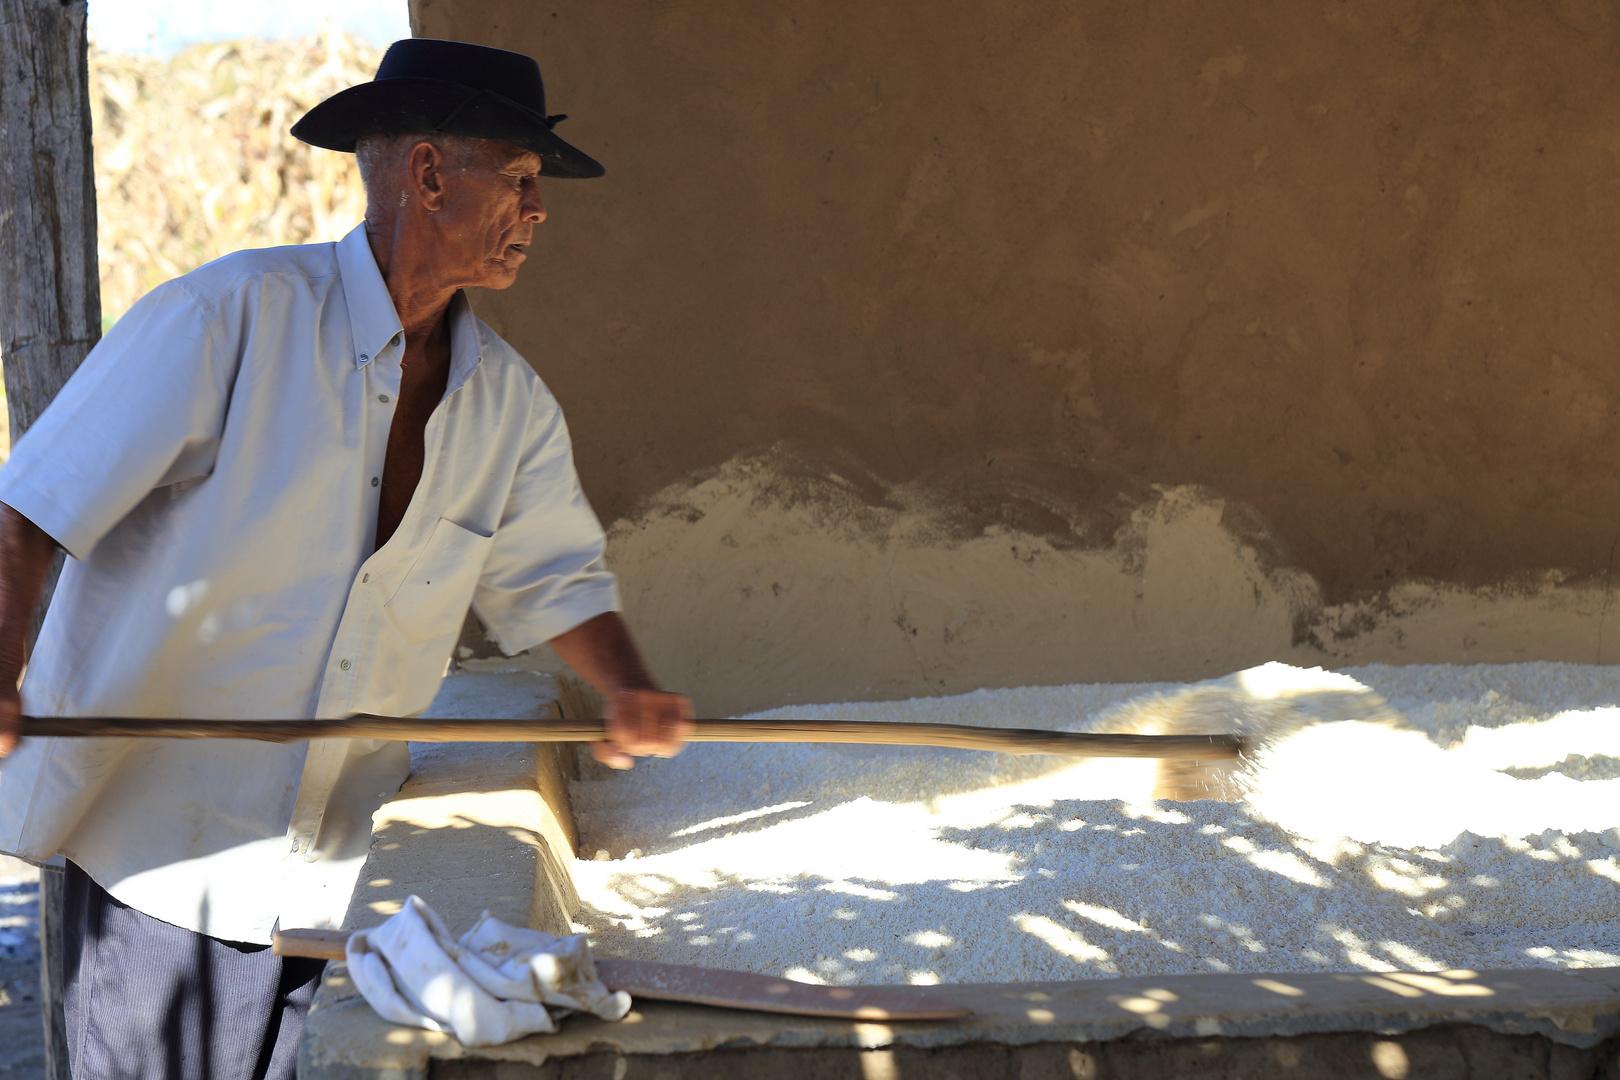 rösten des täglichen Farinha-Mehls